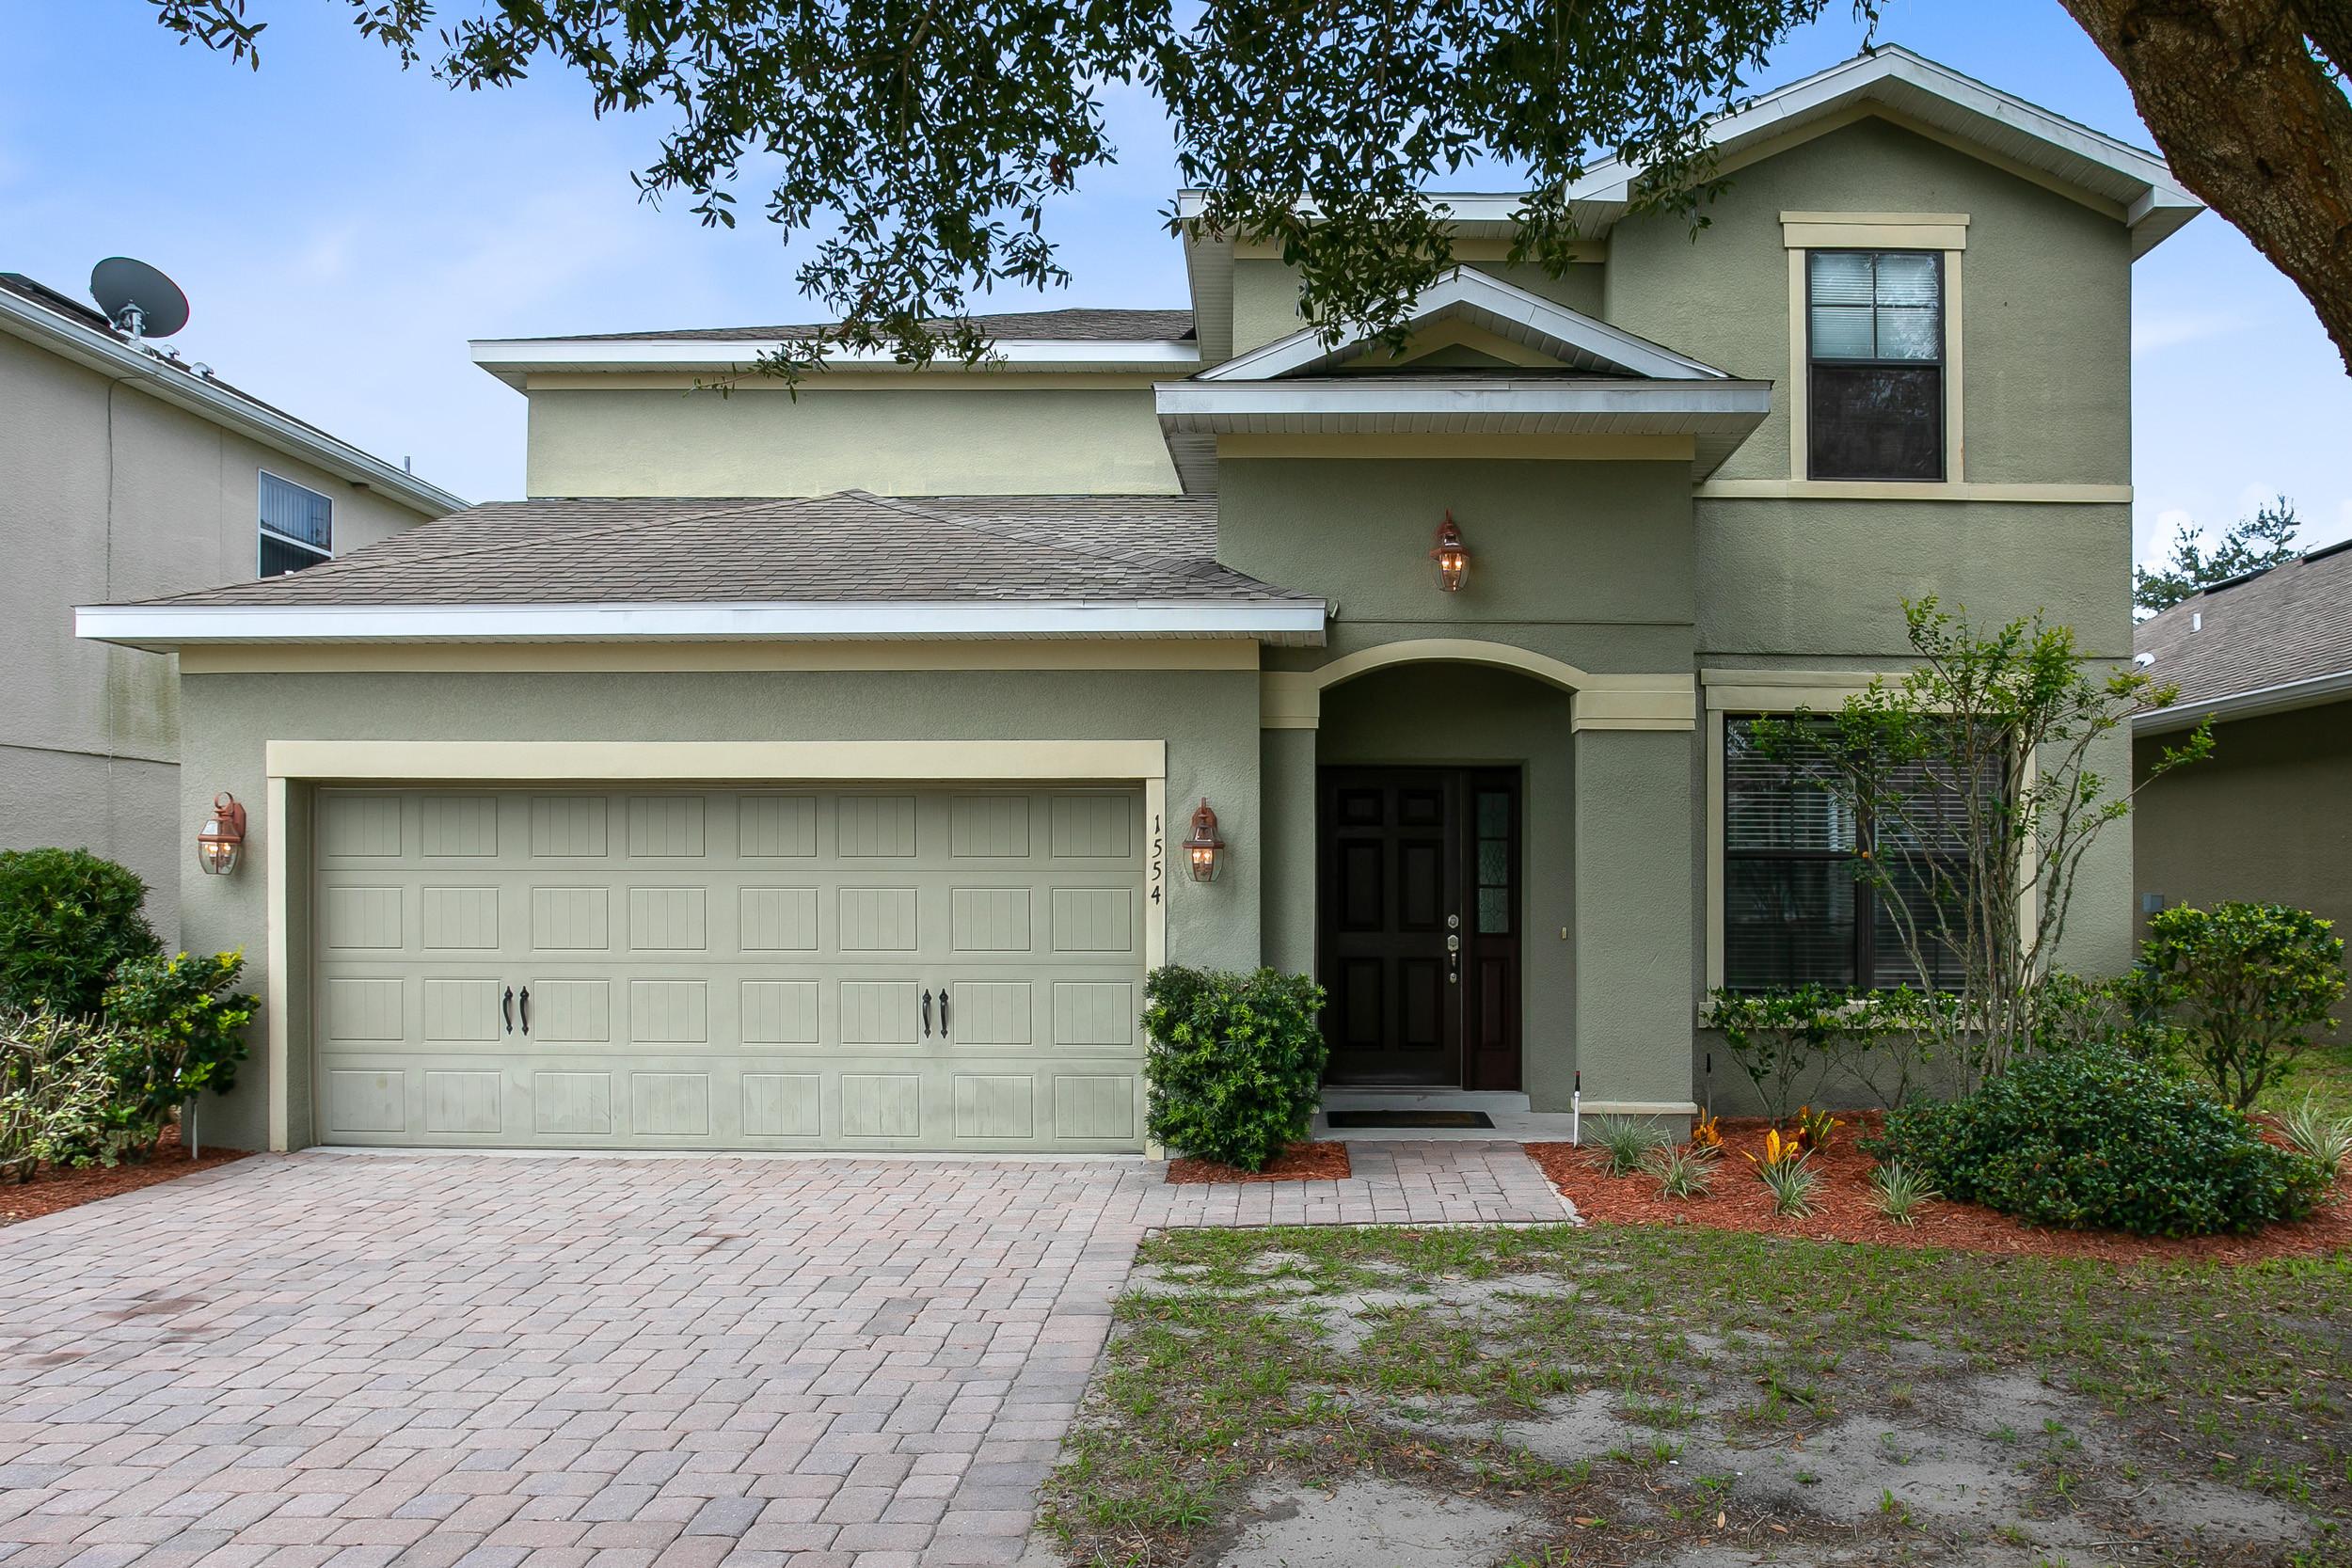 1554 HACKNEY TER, DELAND, FL 32720